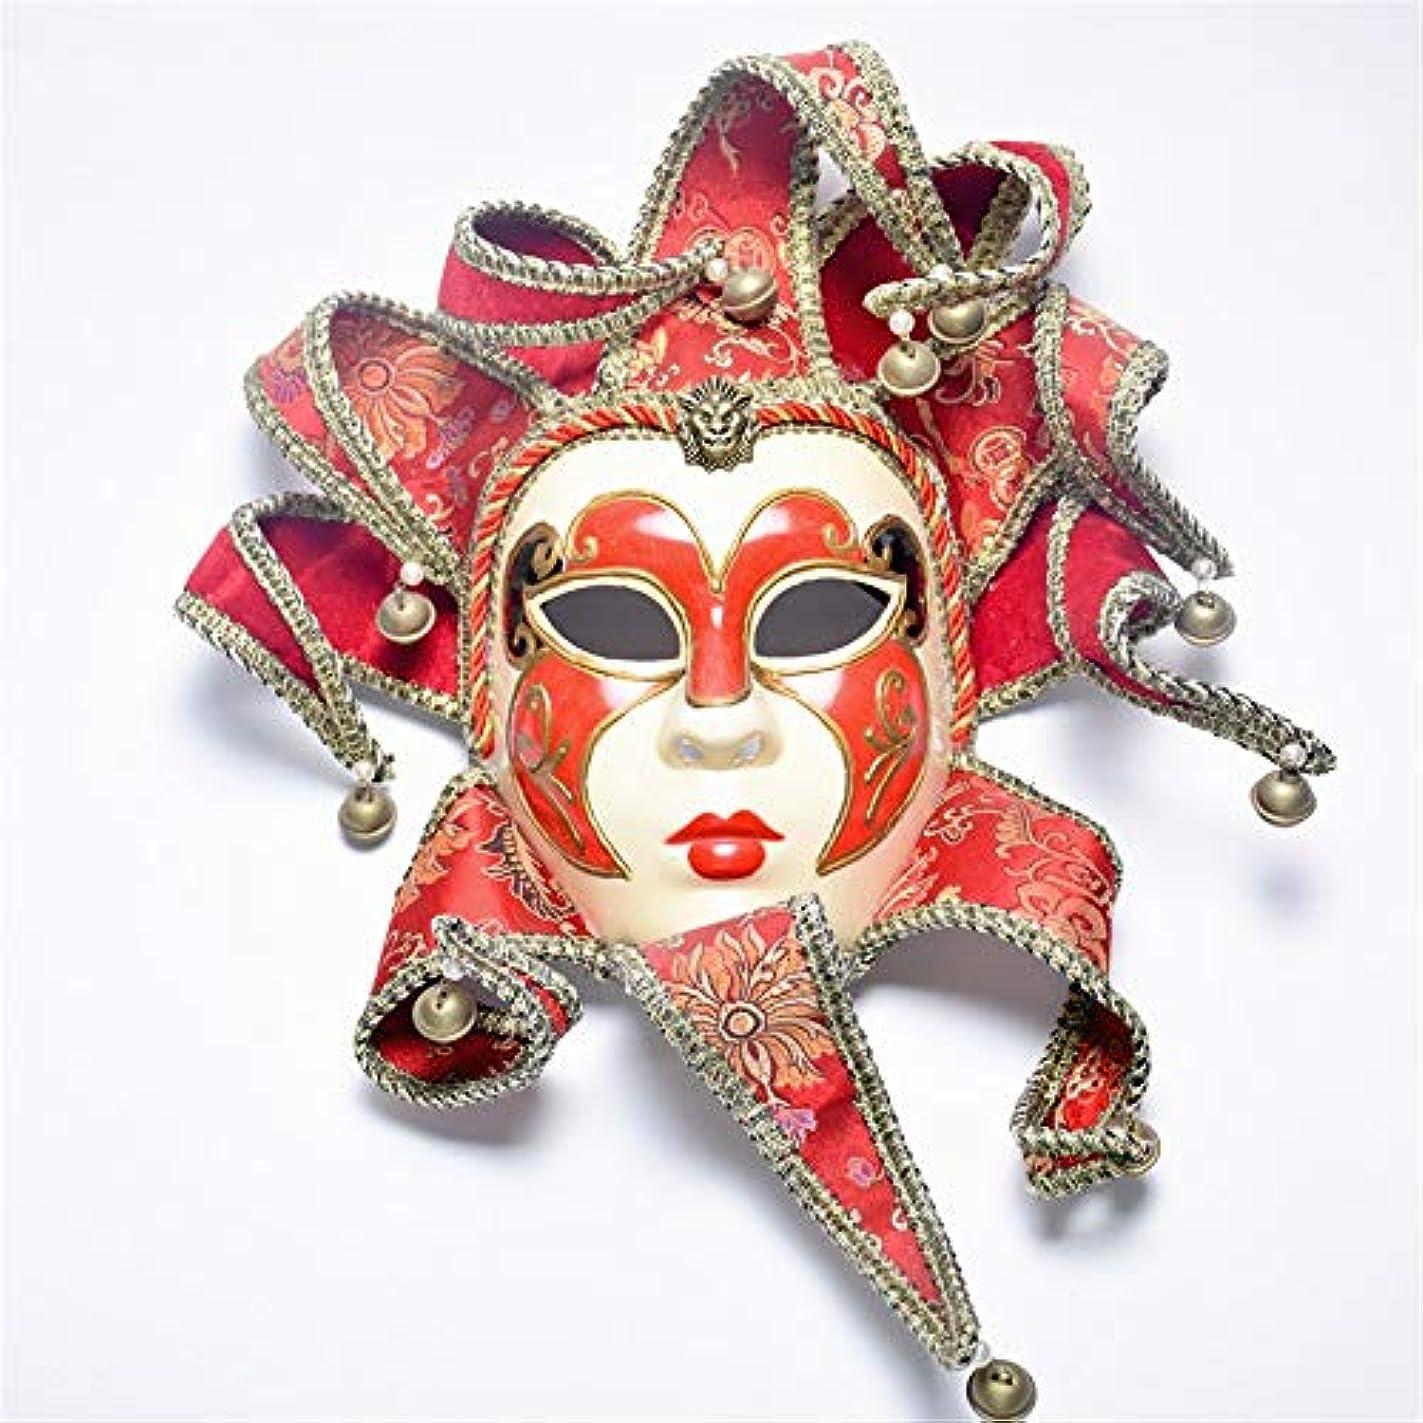 狂乱鉄道駅兵士ダンスマスク フルフェイスマスク高級パーティーベルマスク女性マスククリスマスフェスティバルロールプレイングプラスチックマスク パーティーボールマスク (色 : 赤, サイズ : 49x29cm)